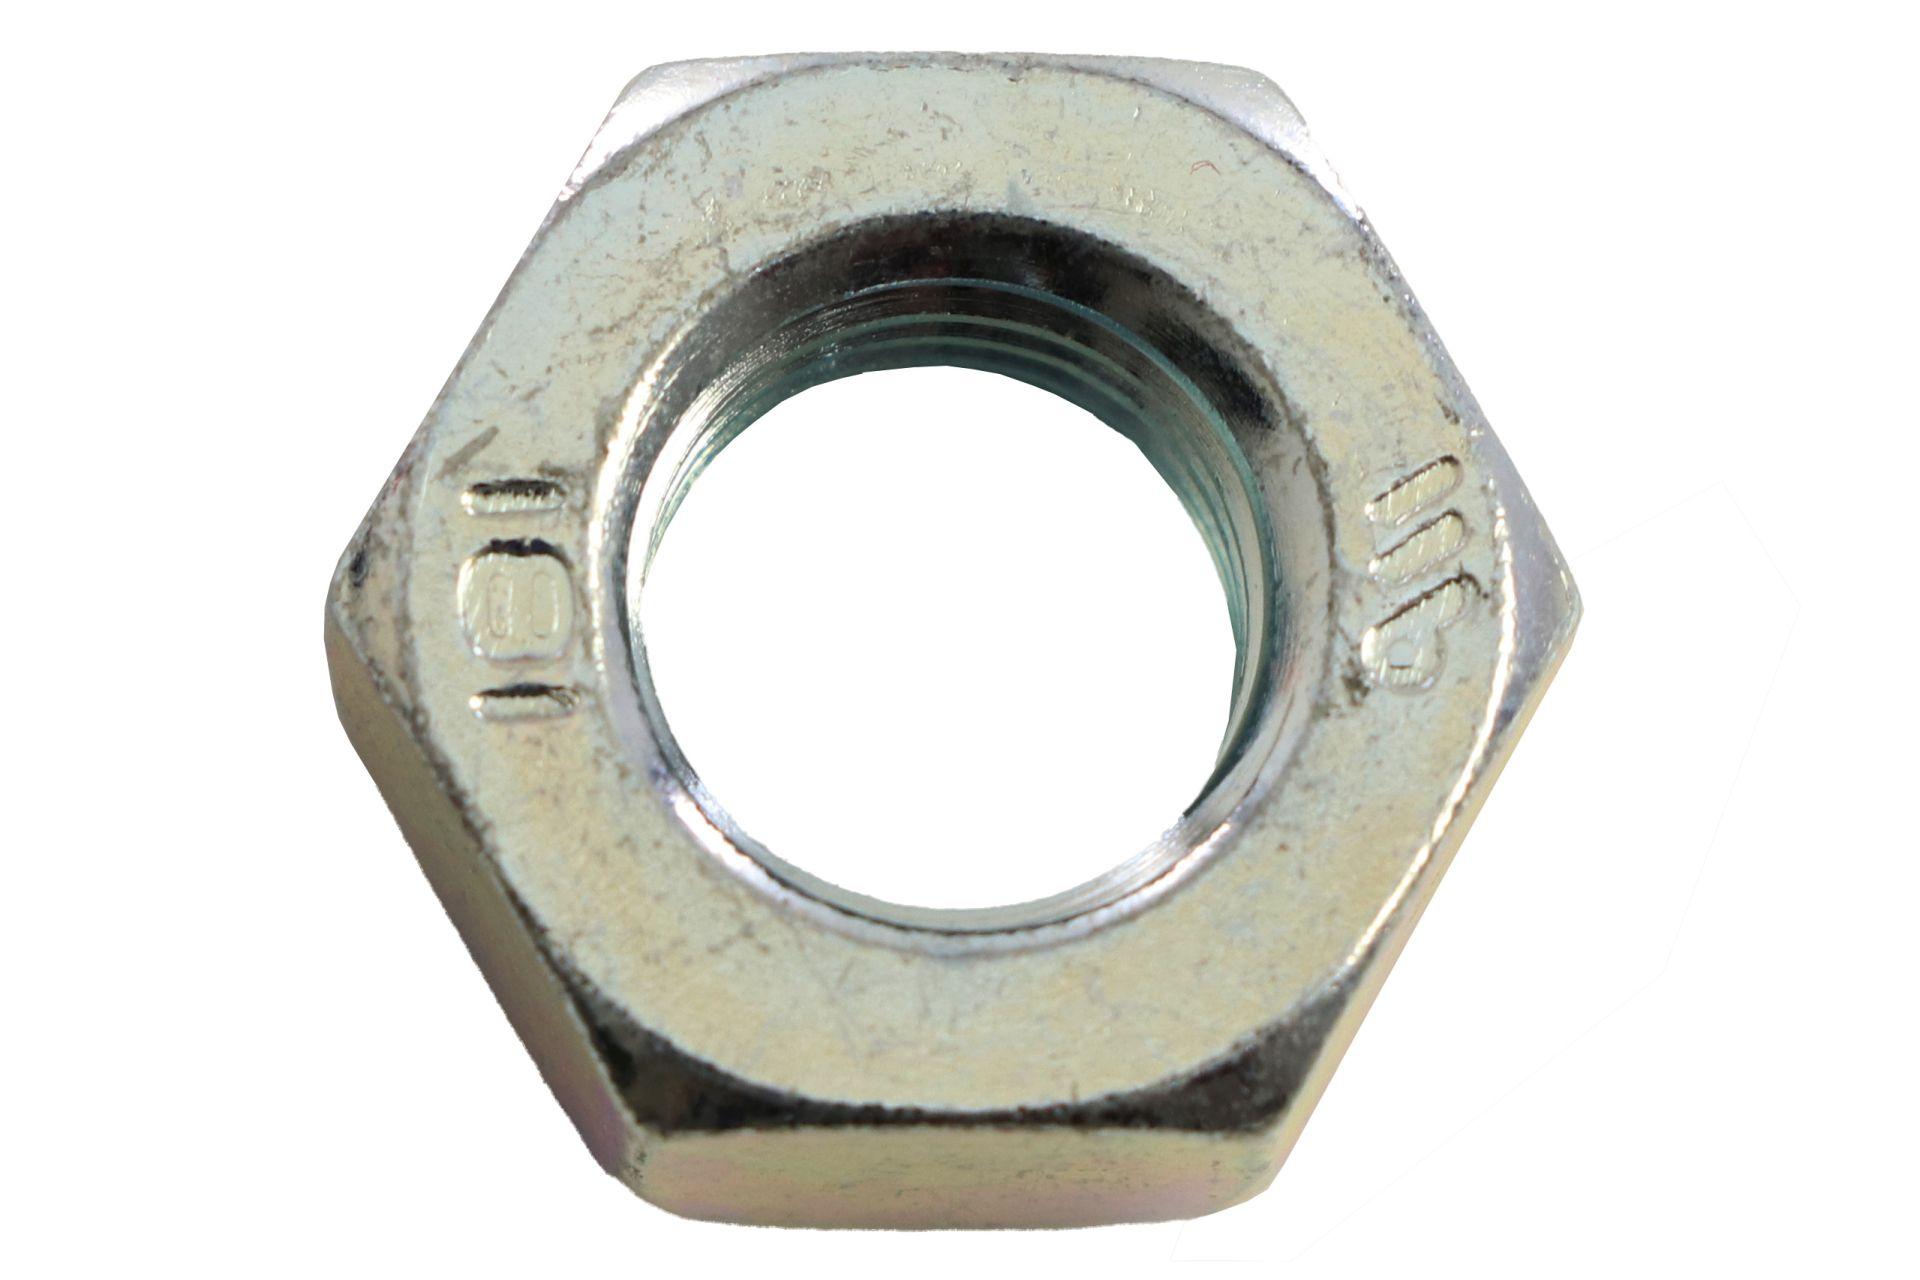 REYHER Sechskantmuttern galvanisch verzinkt, DIN 934 8, M8, 100 Stück